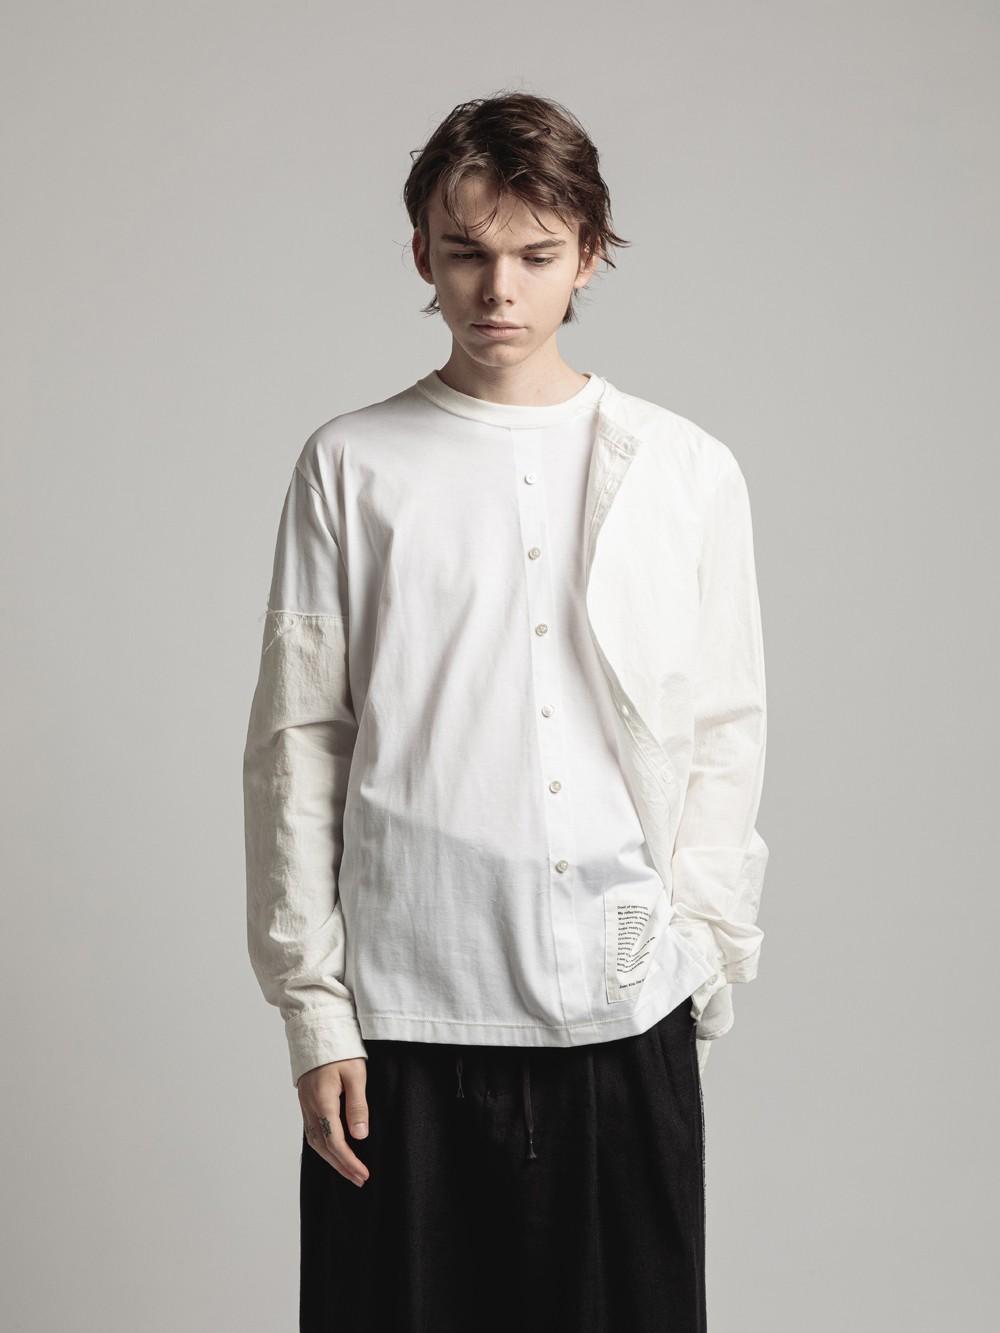 dual shirts